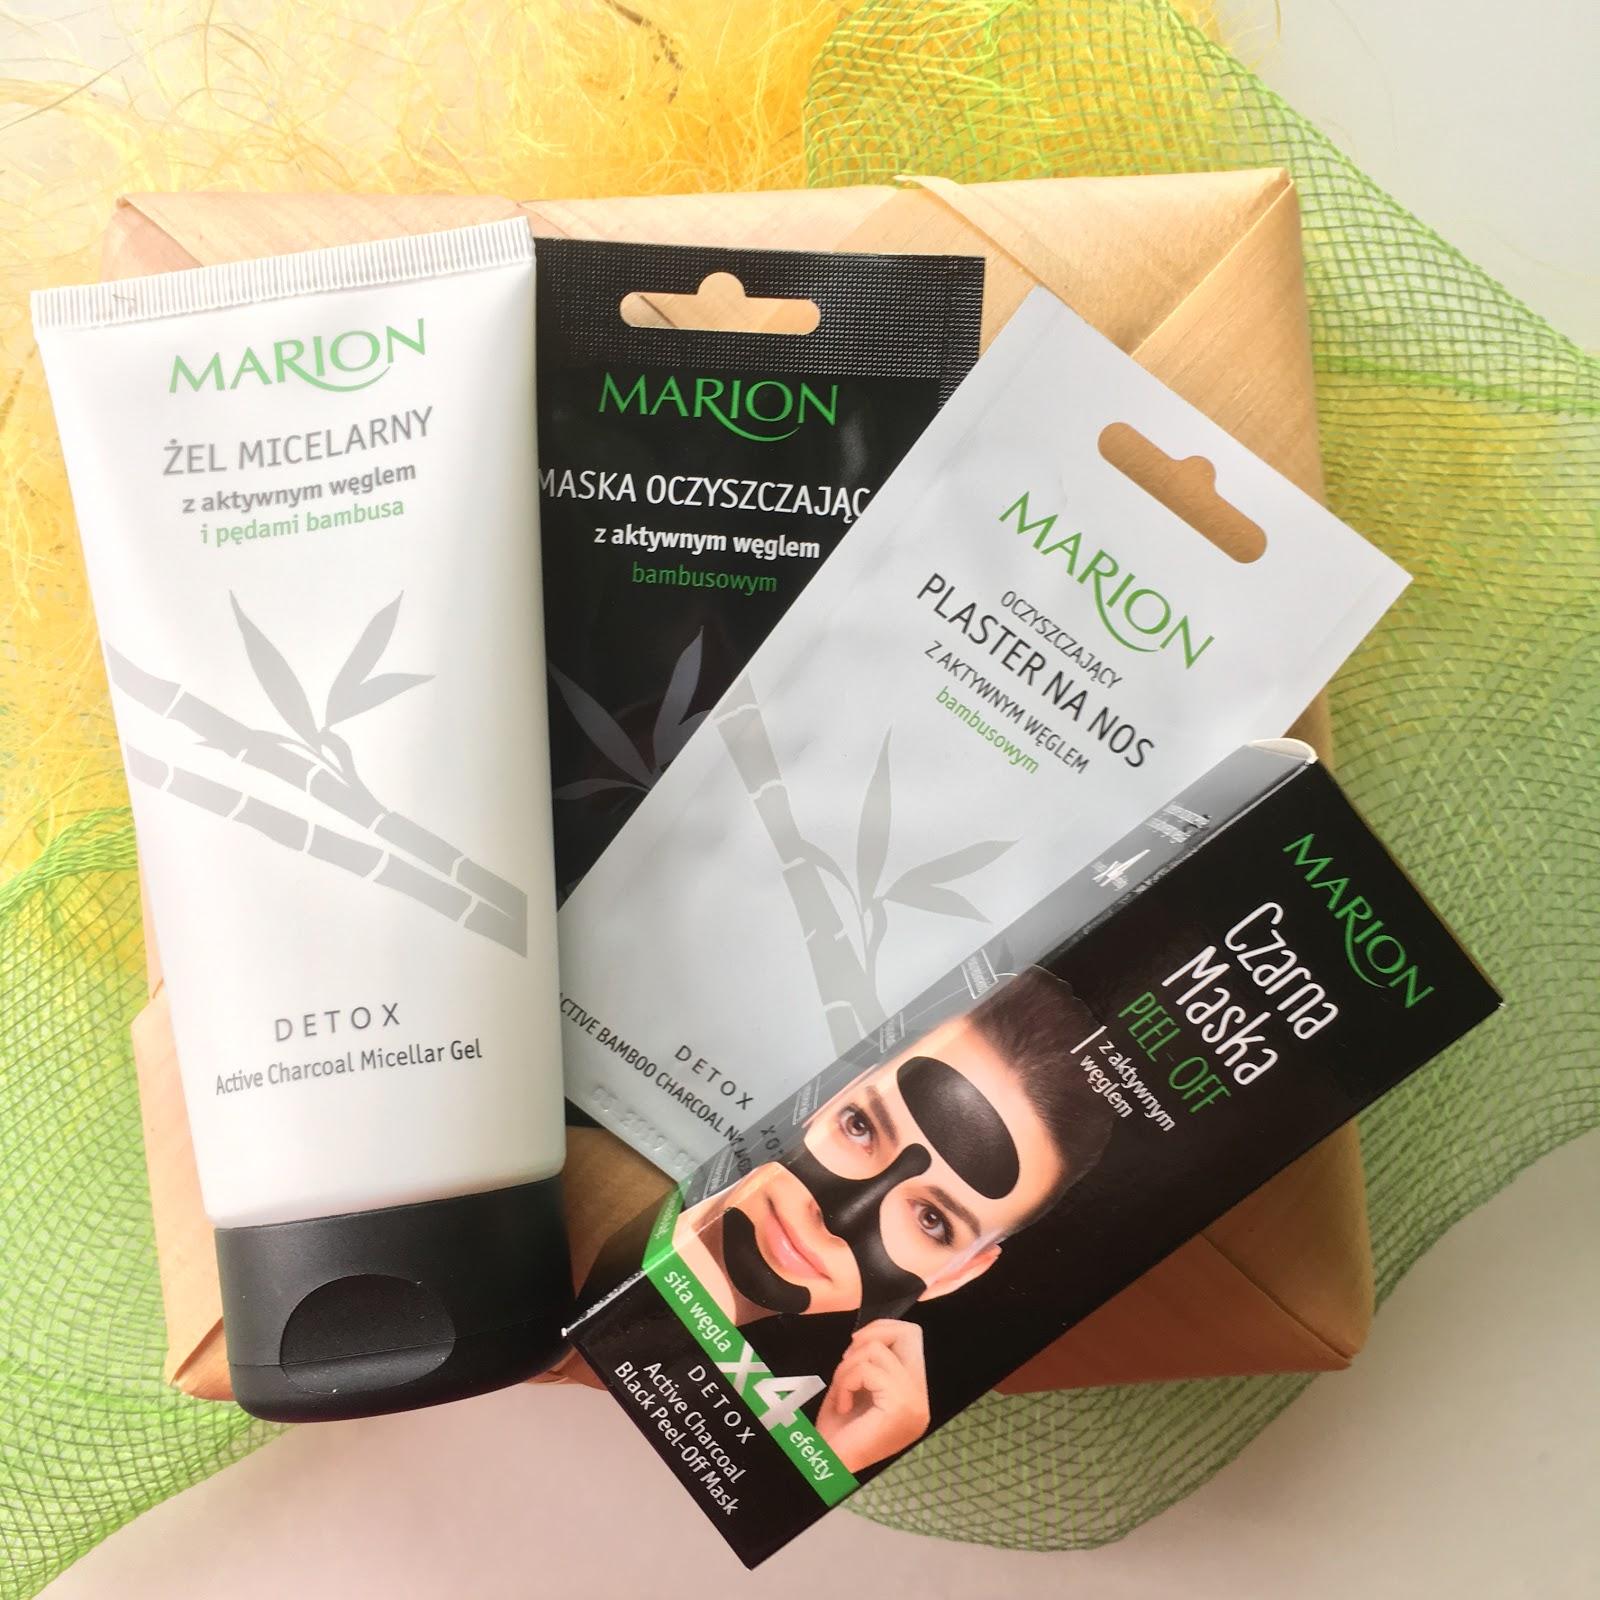 Pielęgnacja z aktywnym węglem od Marion, czyli Żel micelarny, Maska oczyszczająca, Plaster na nos oraz Czarna maska.